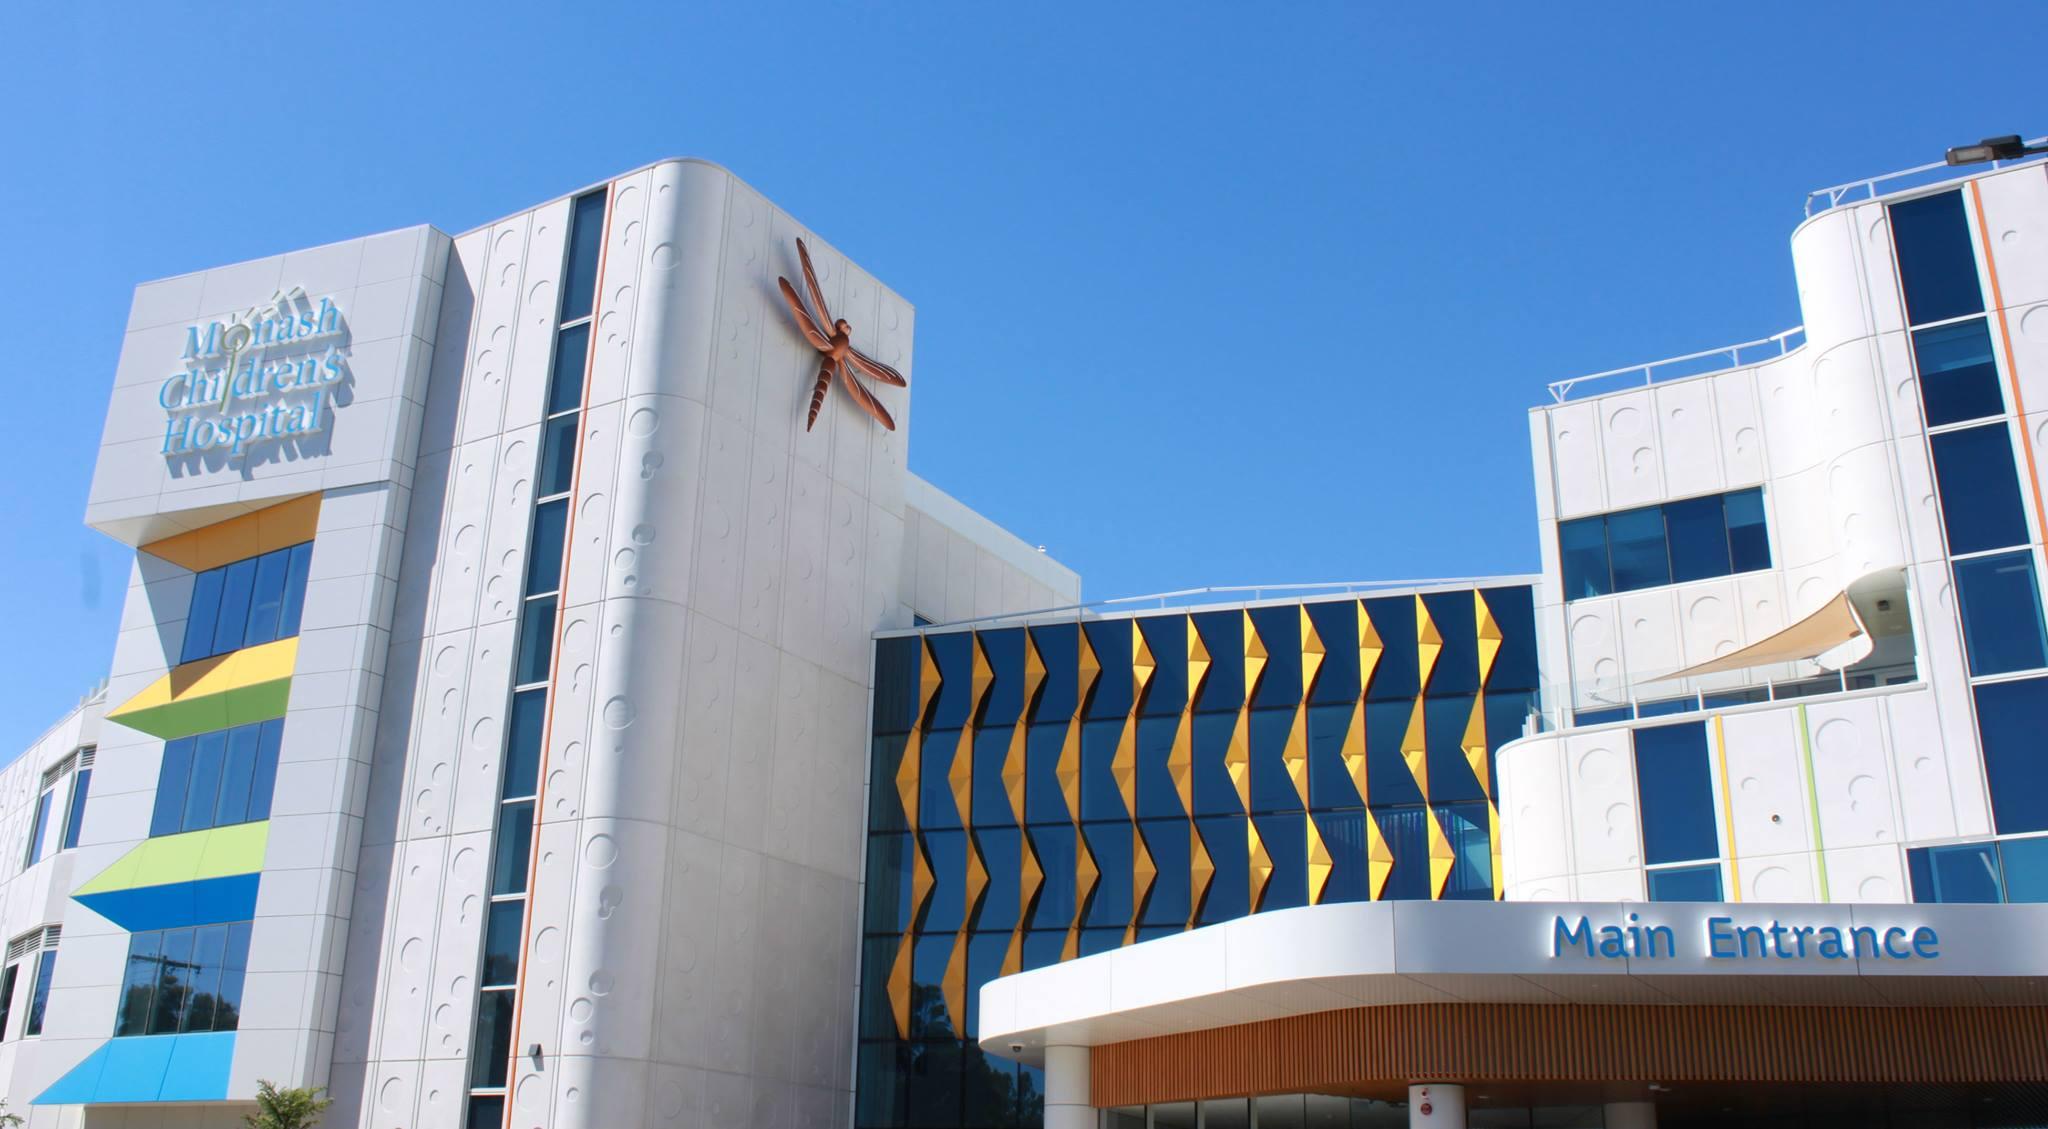 monash-childrens-hospital-facade